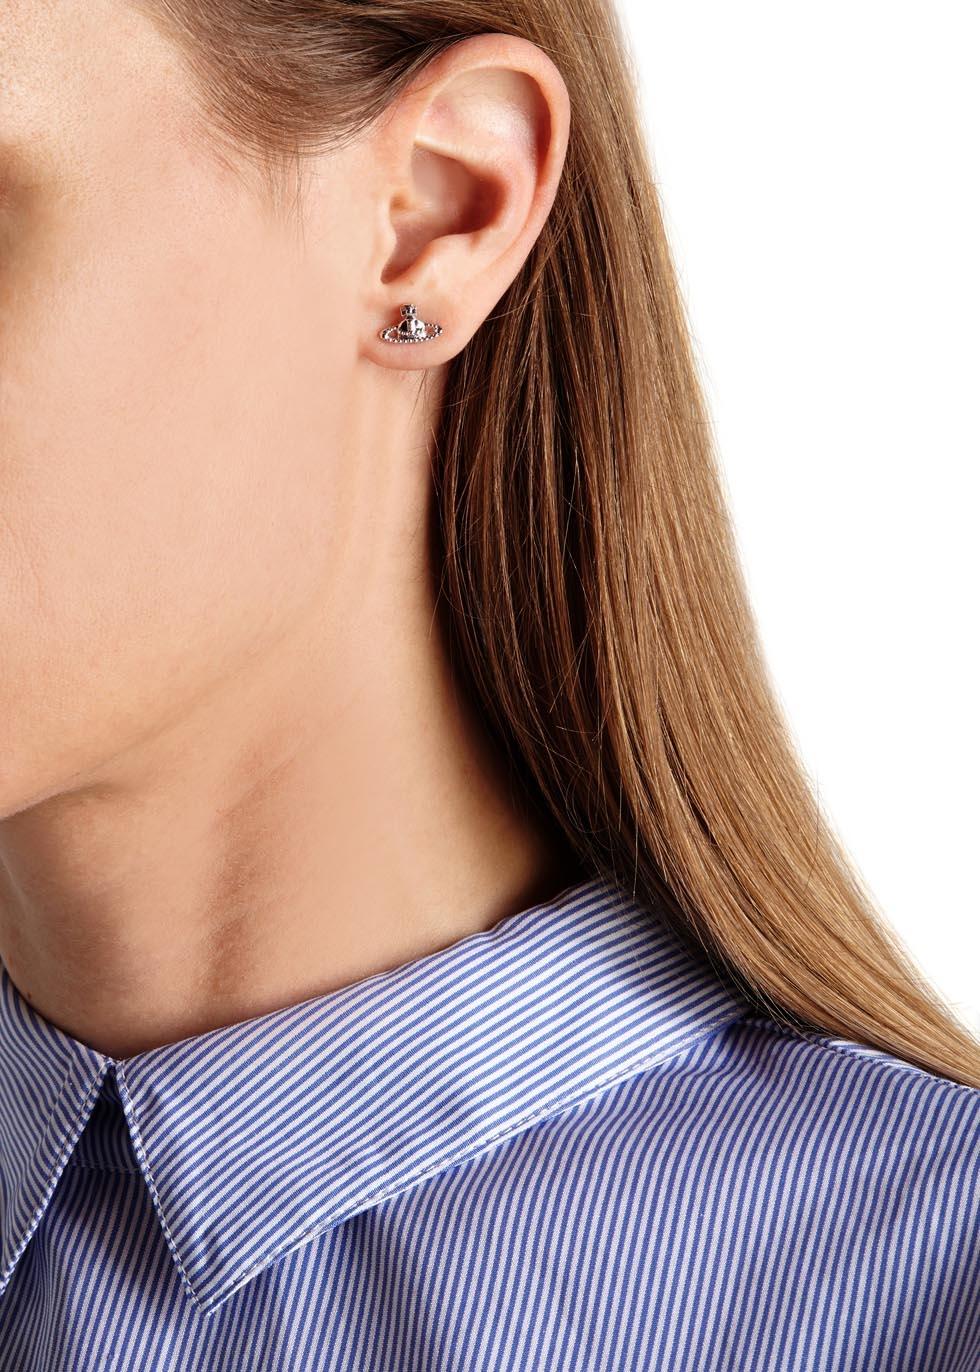 256069a1f7568 Vivienne Westwood Farah Earrings Uk - The Best Produck Of Earring